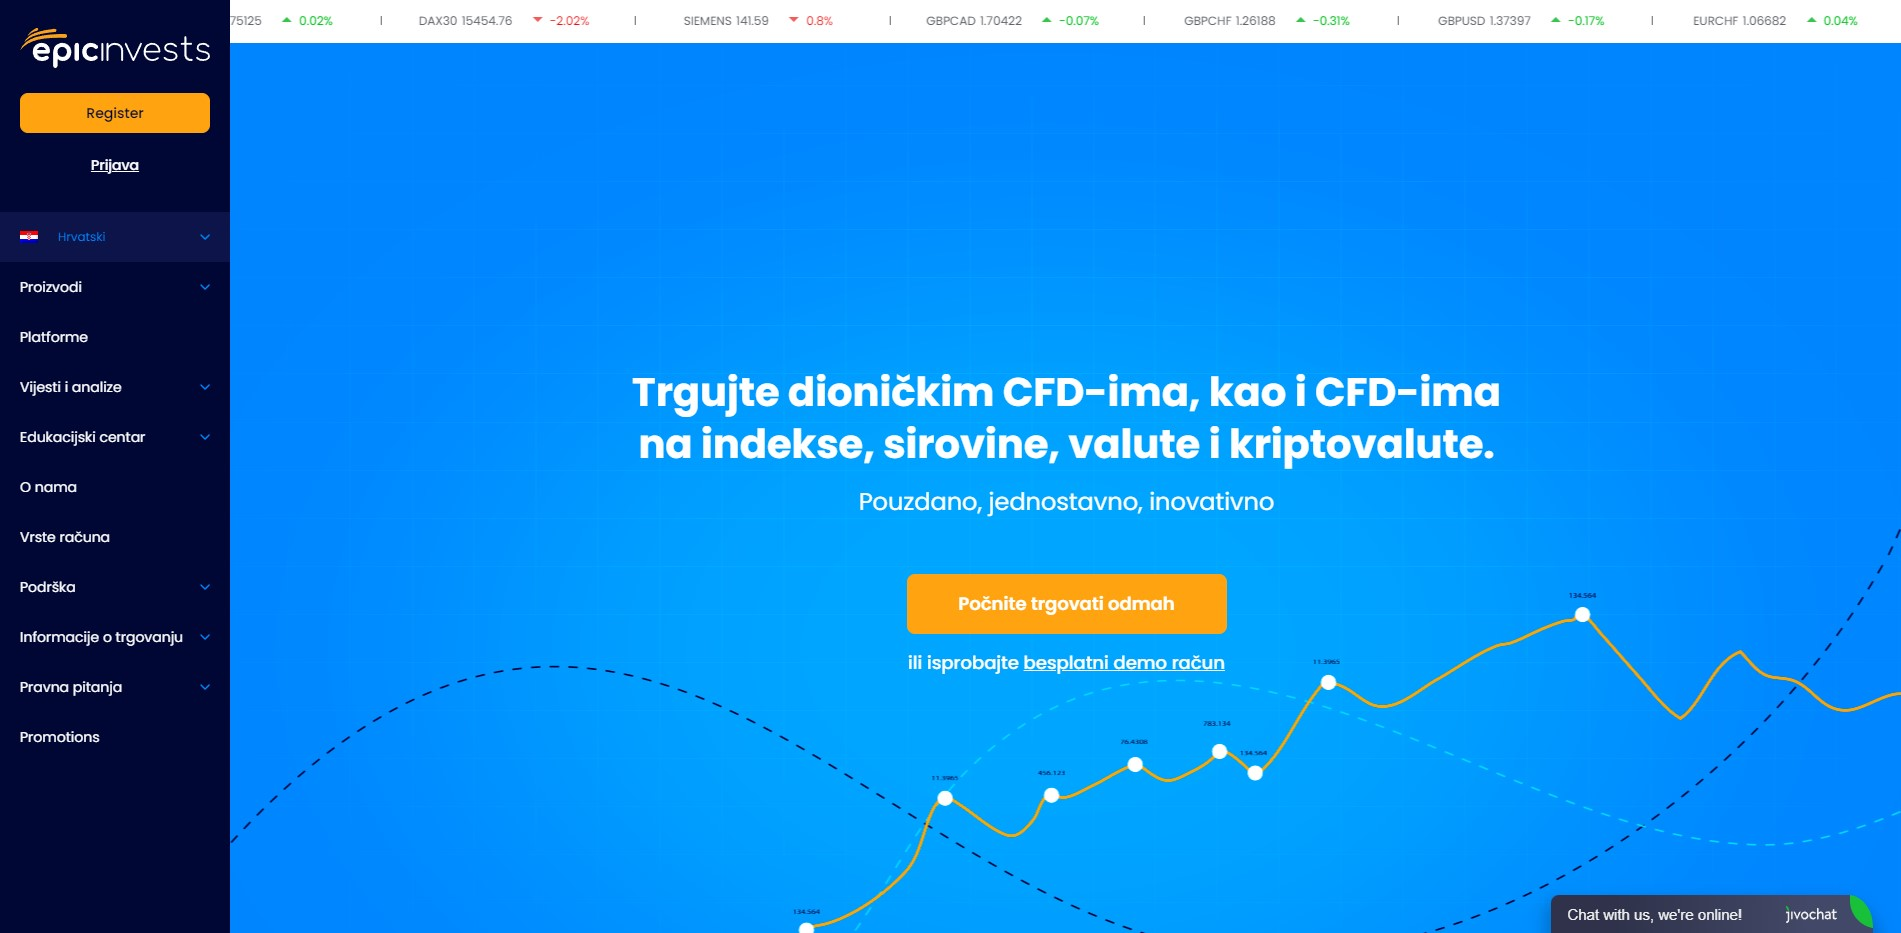 Foto Screenshot epicinvests.com